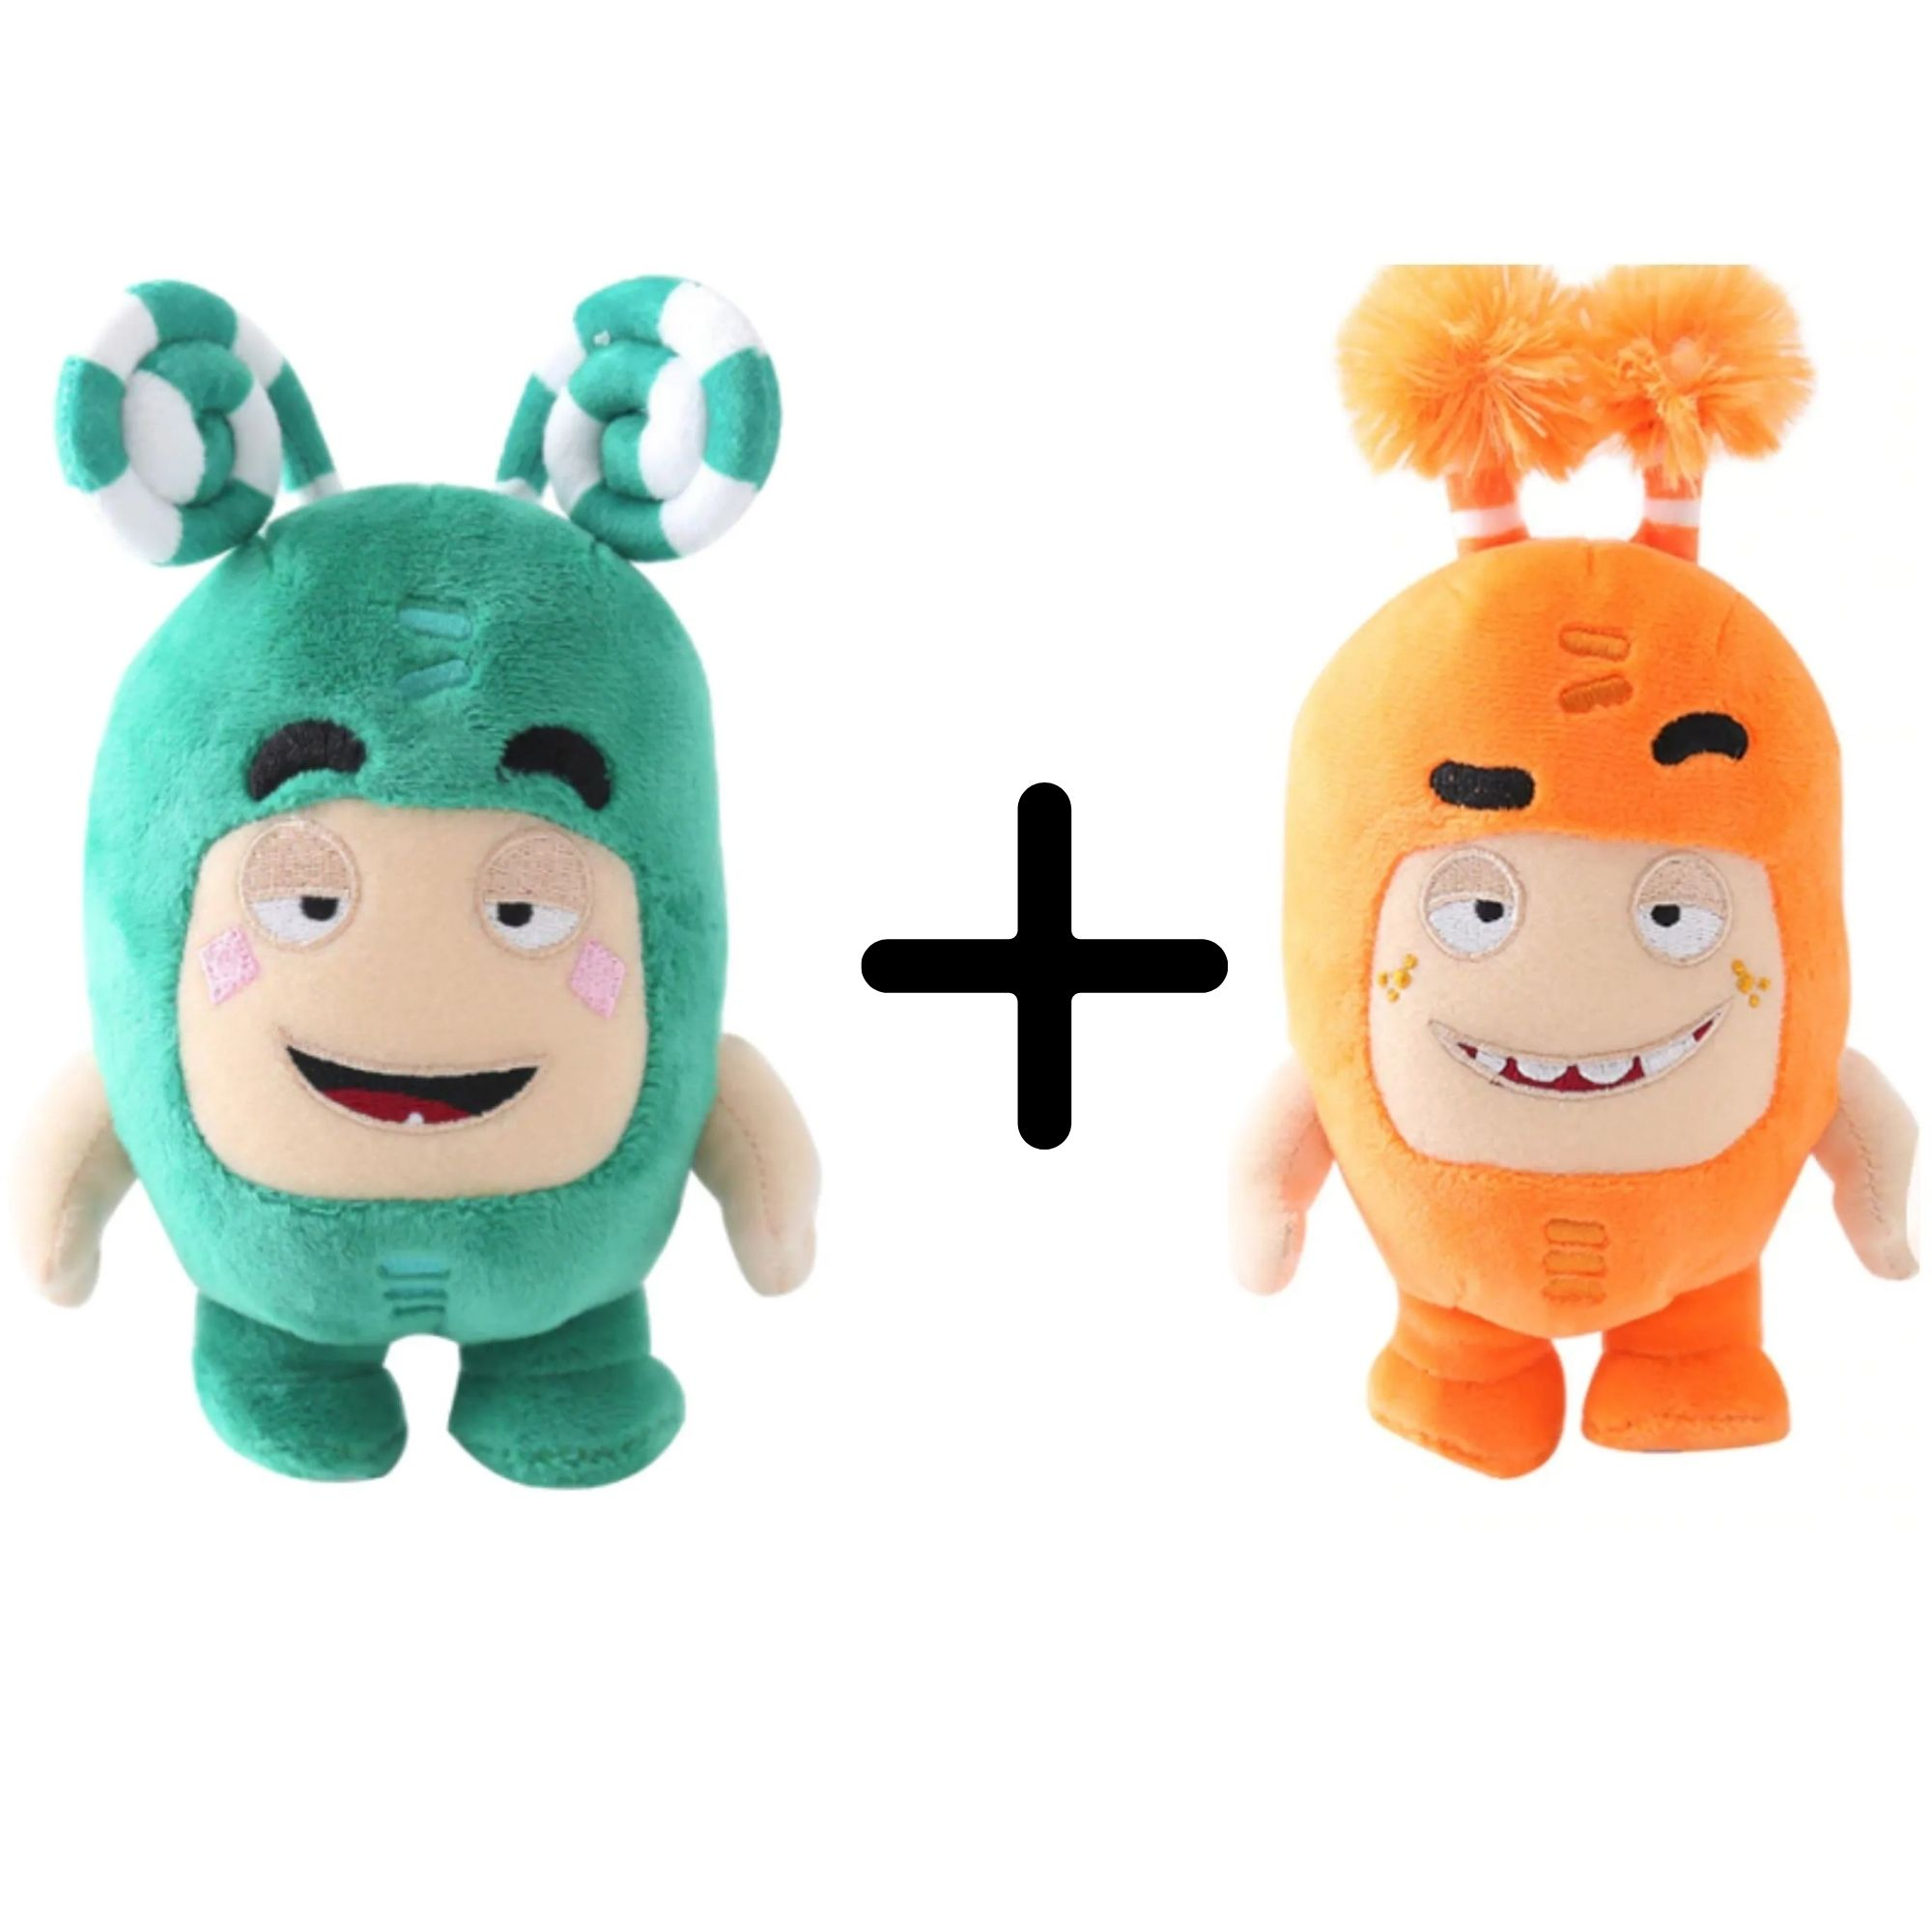 Kit com 2 Bonecos de Pelúcia Oddbods - 1 Verde e 1 Laranja - Zee e Slick  - Game Land Brinquedos